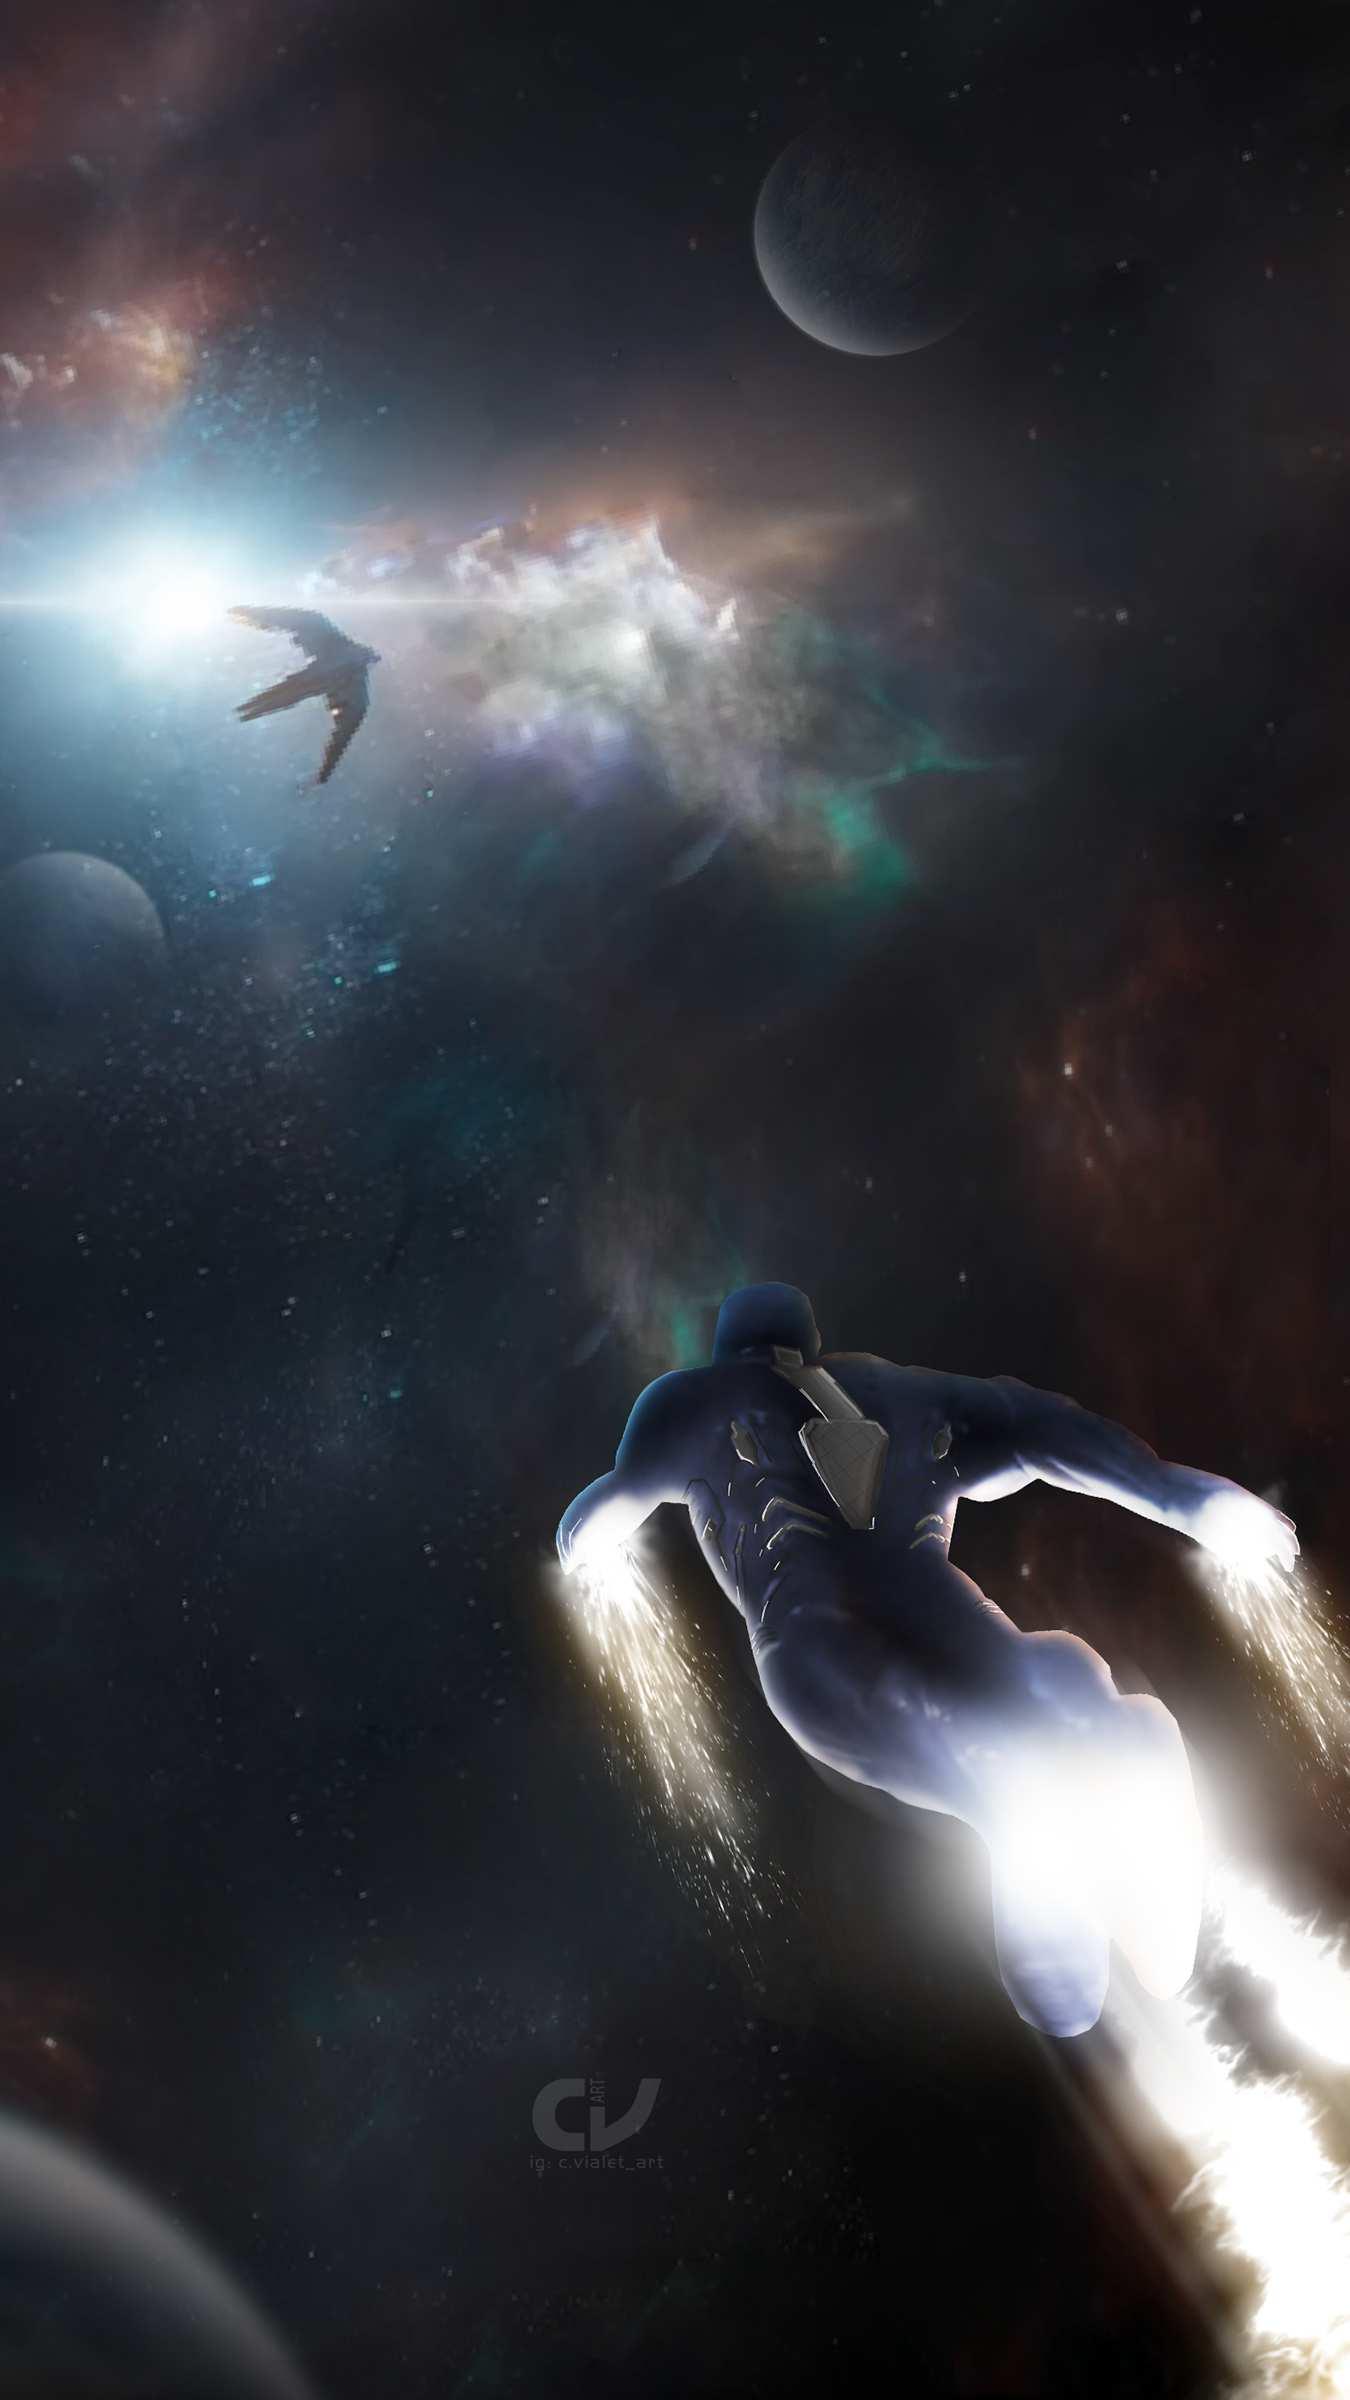 Avengers Endgame Tony Stark Rescue Wallpaper